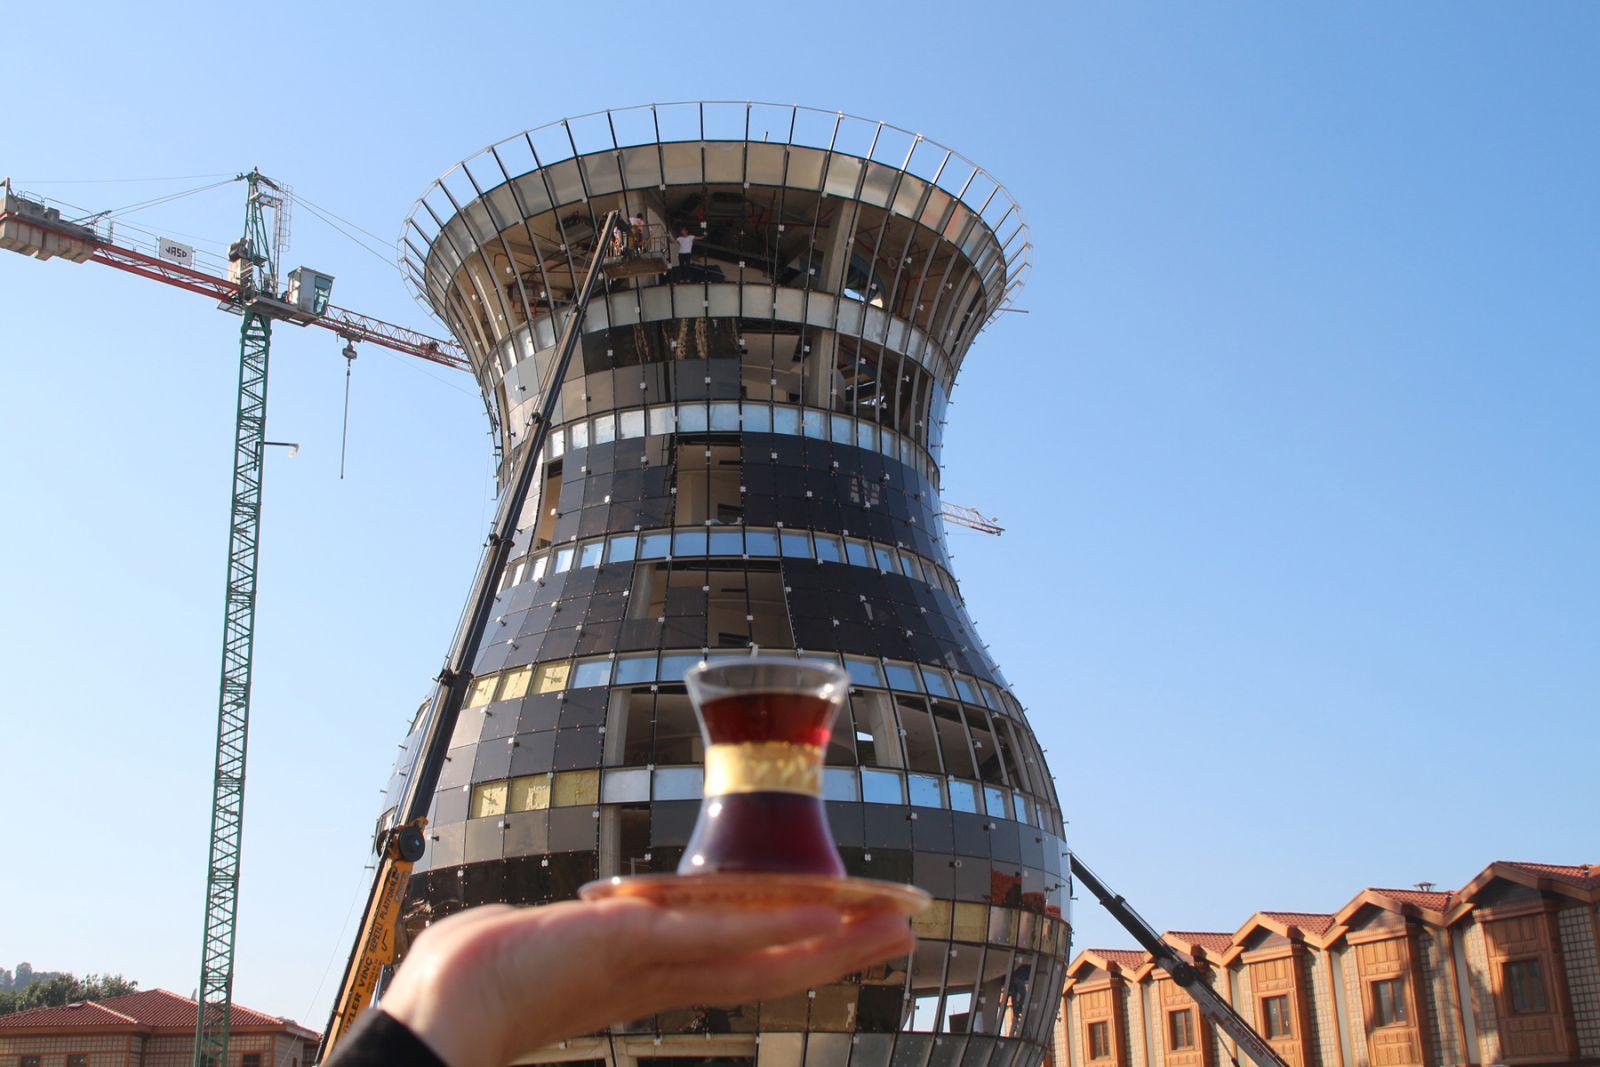 Rize'deki dünyanın en büyük çay bardağı Guinness'e aday! 30 metre yüksekliğinde - Resim: 1